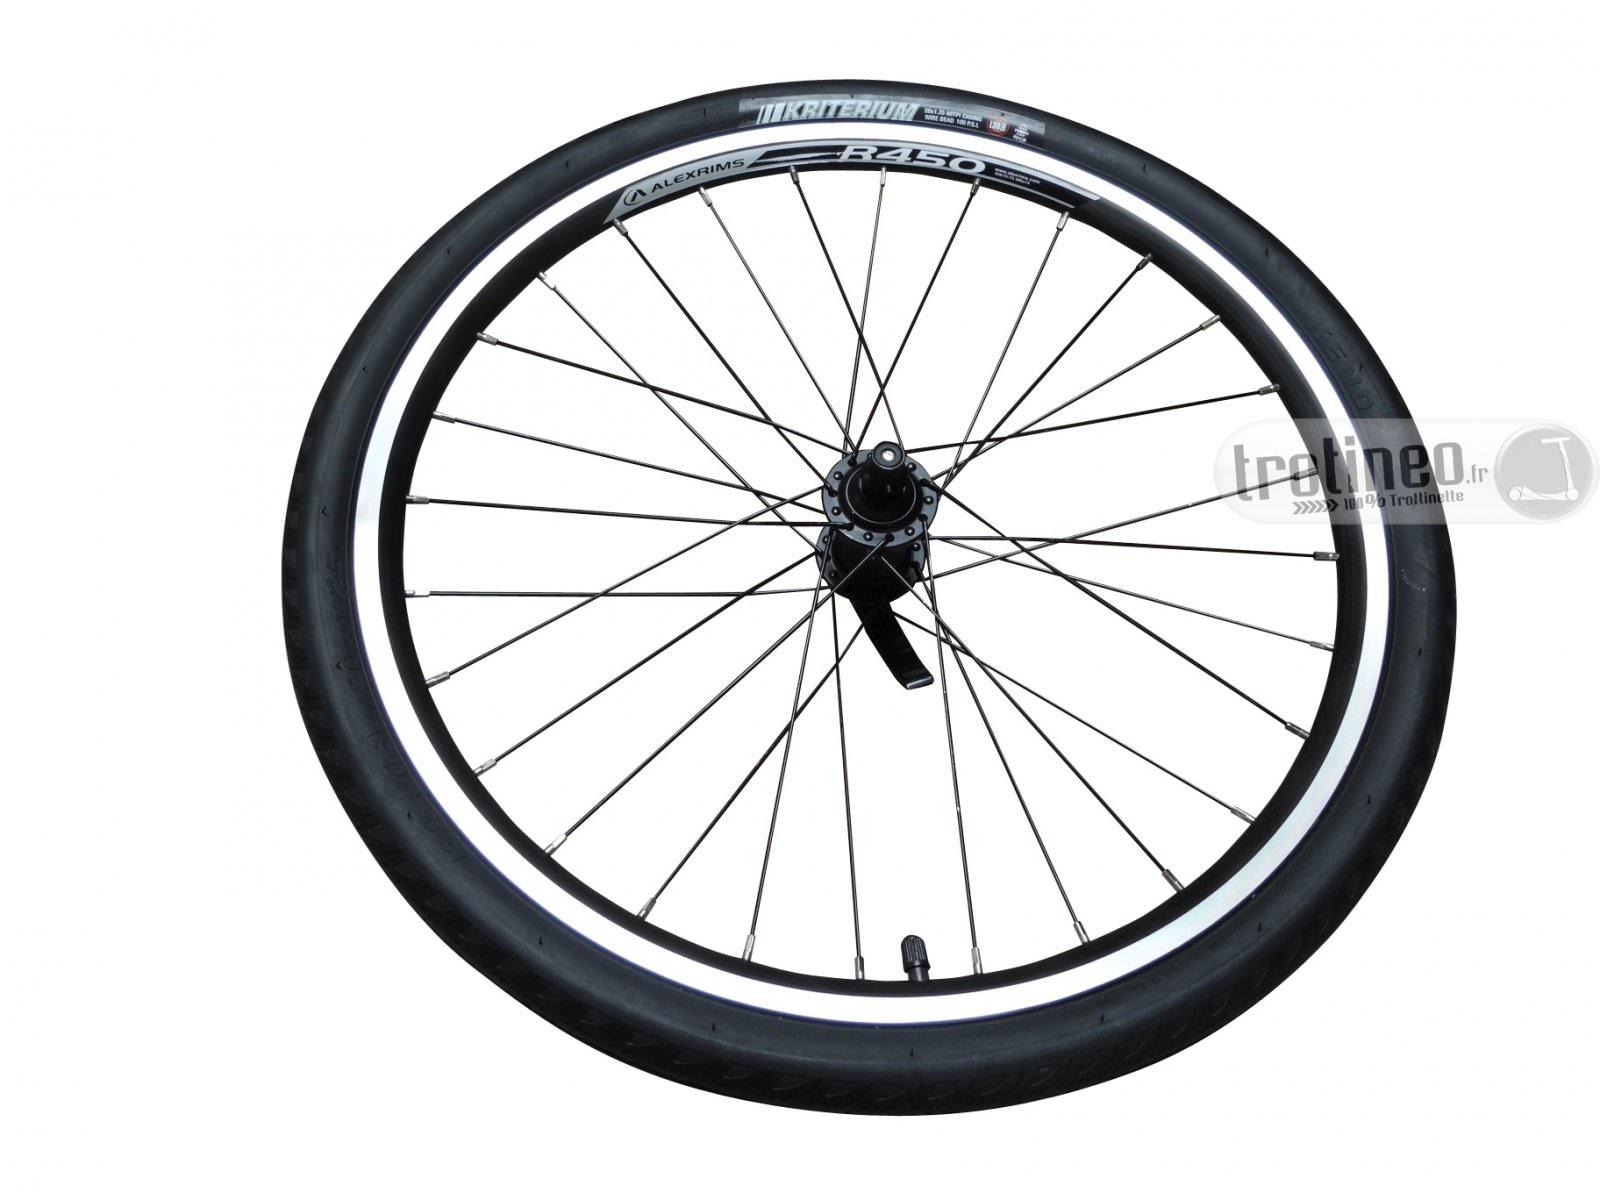 kickbike roue compl te kriterium 20 pouces pour race max 2011 trotineo. Black Bedroom Furniture Sets. Home Design Ideas